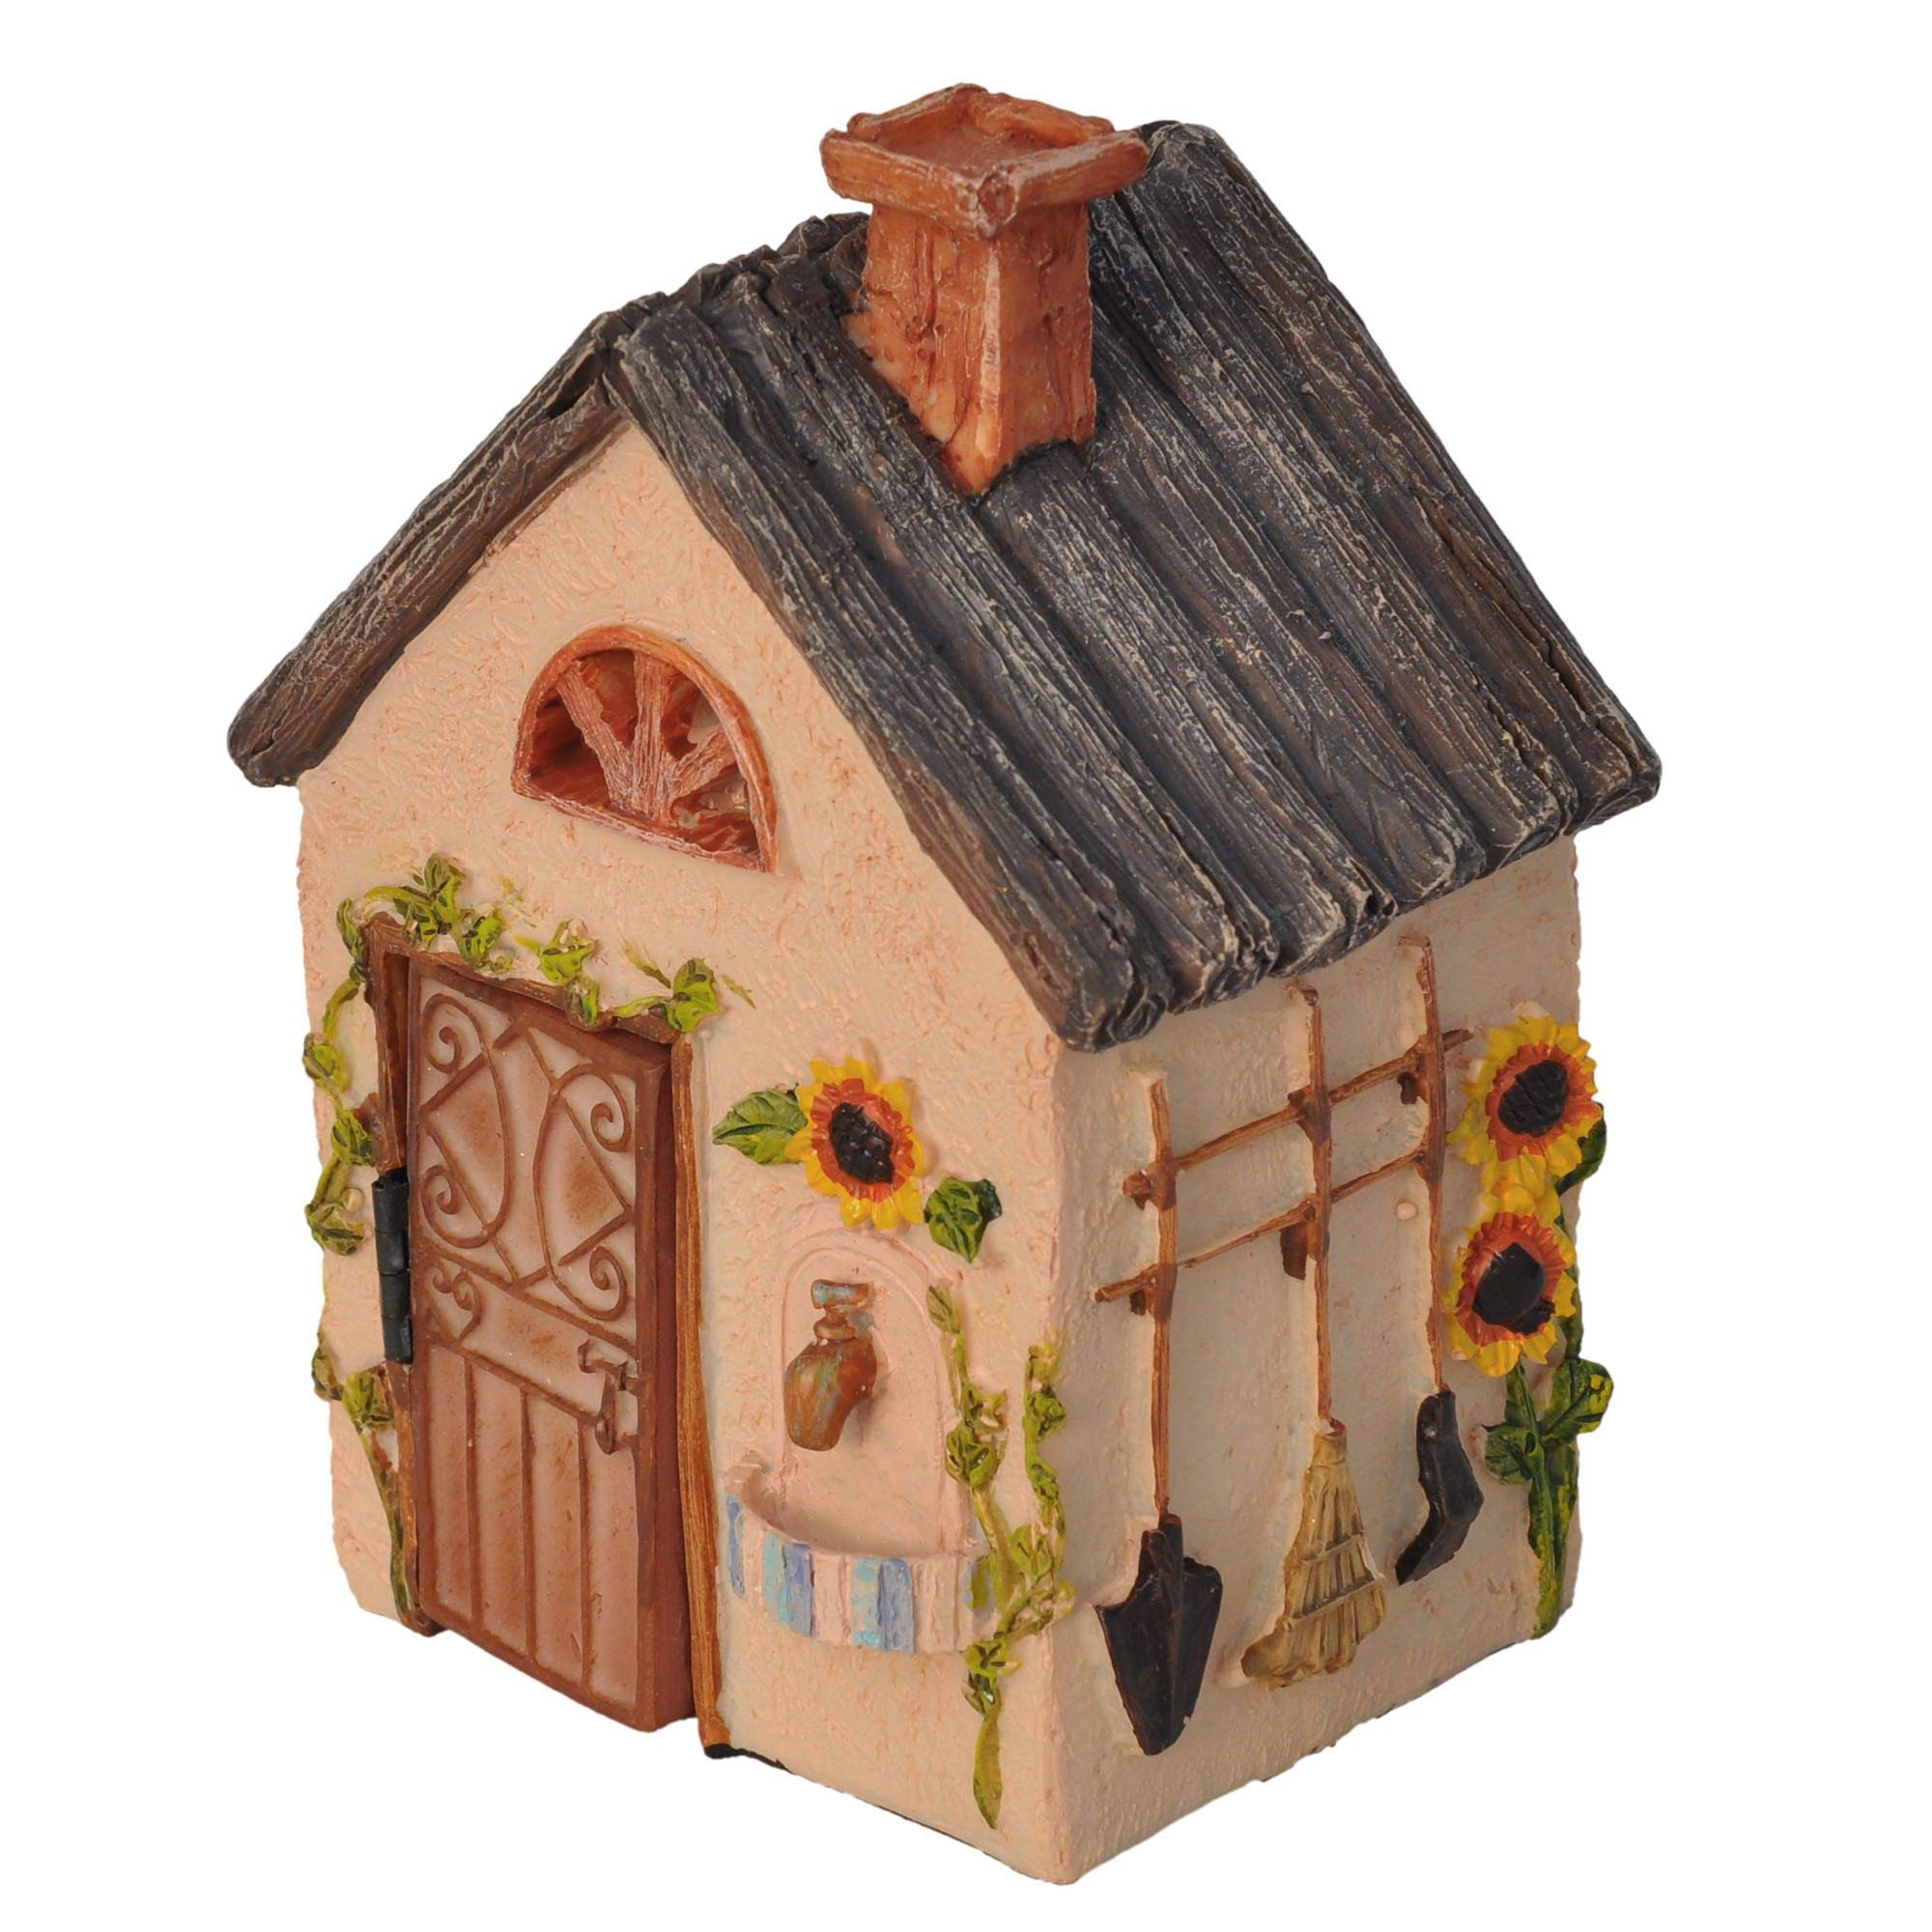 Fairy Workshop Cottage for Miniature Garden, Fairy Garden